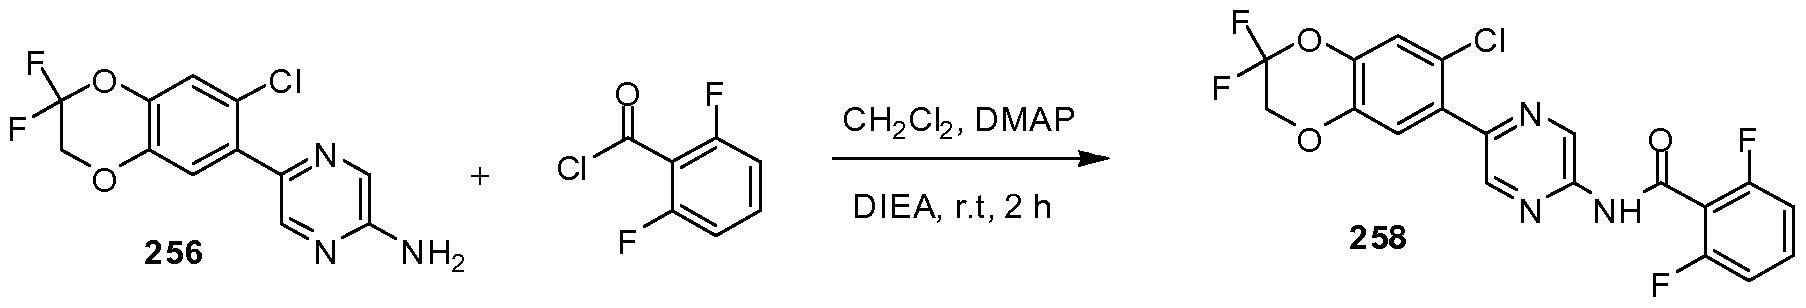 Figure imgf000288_0003